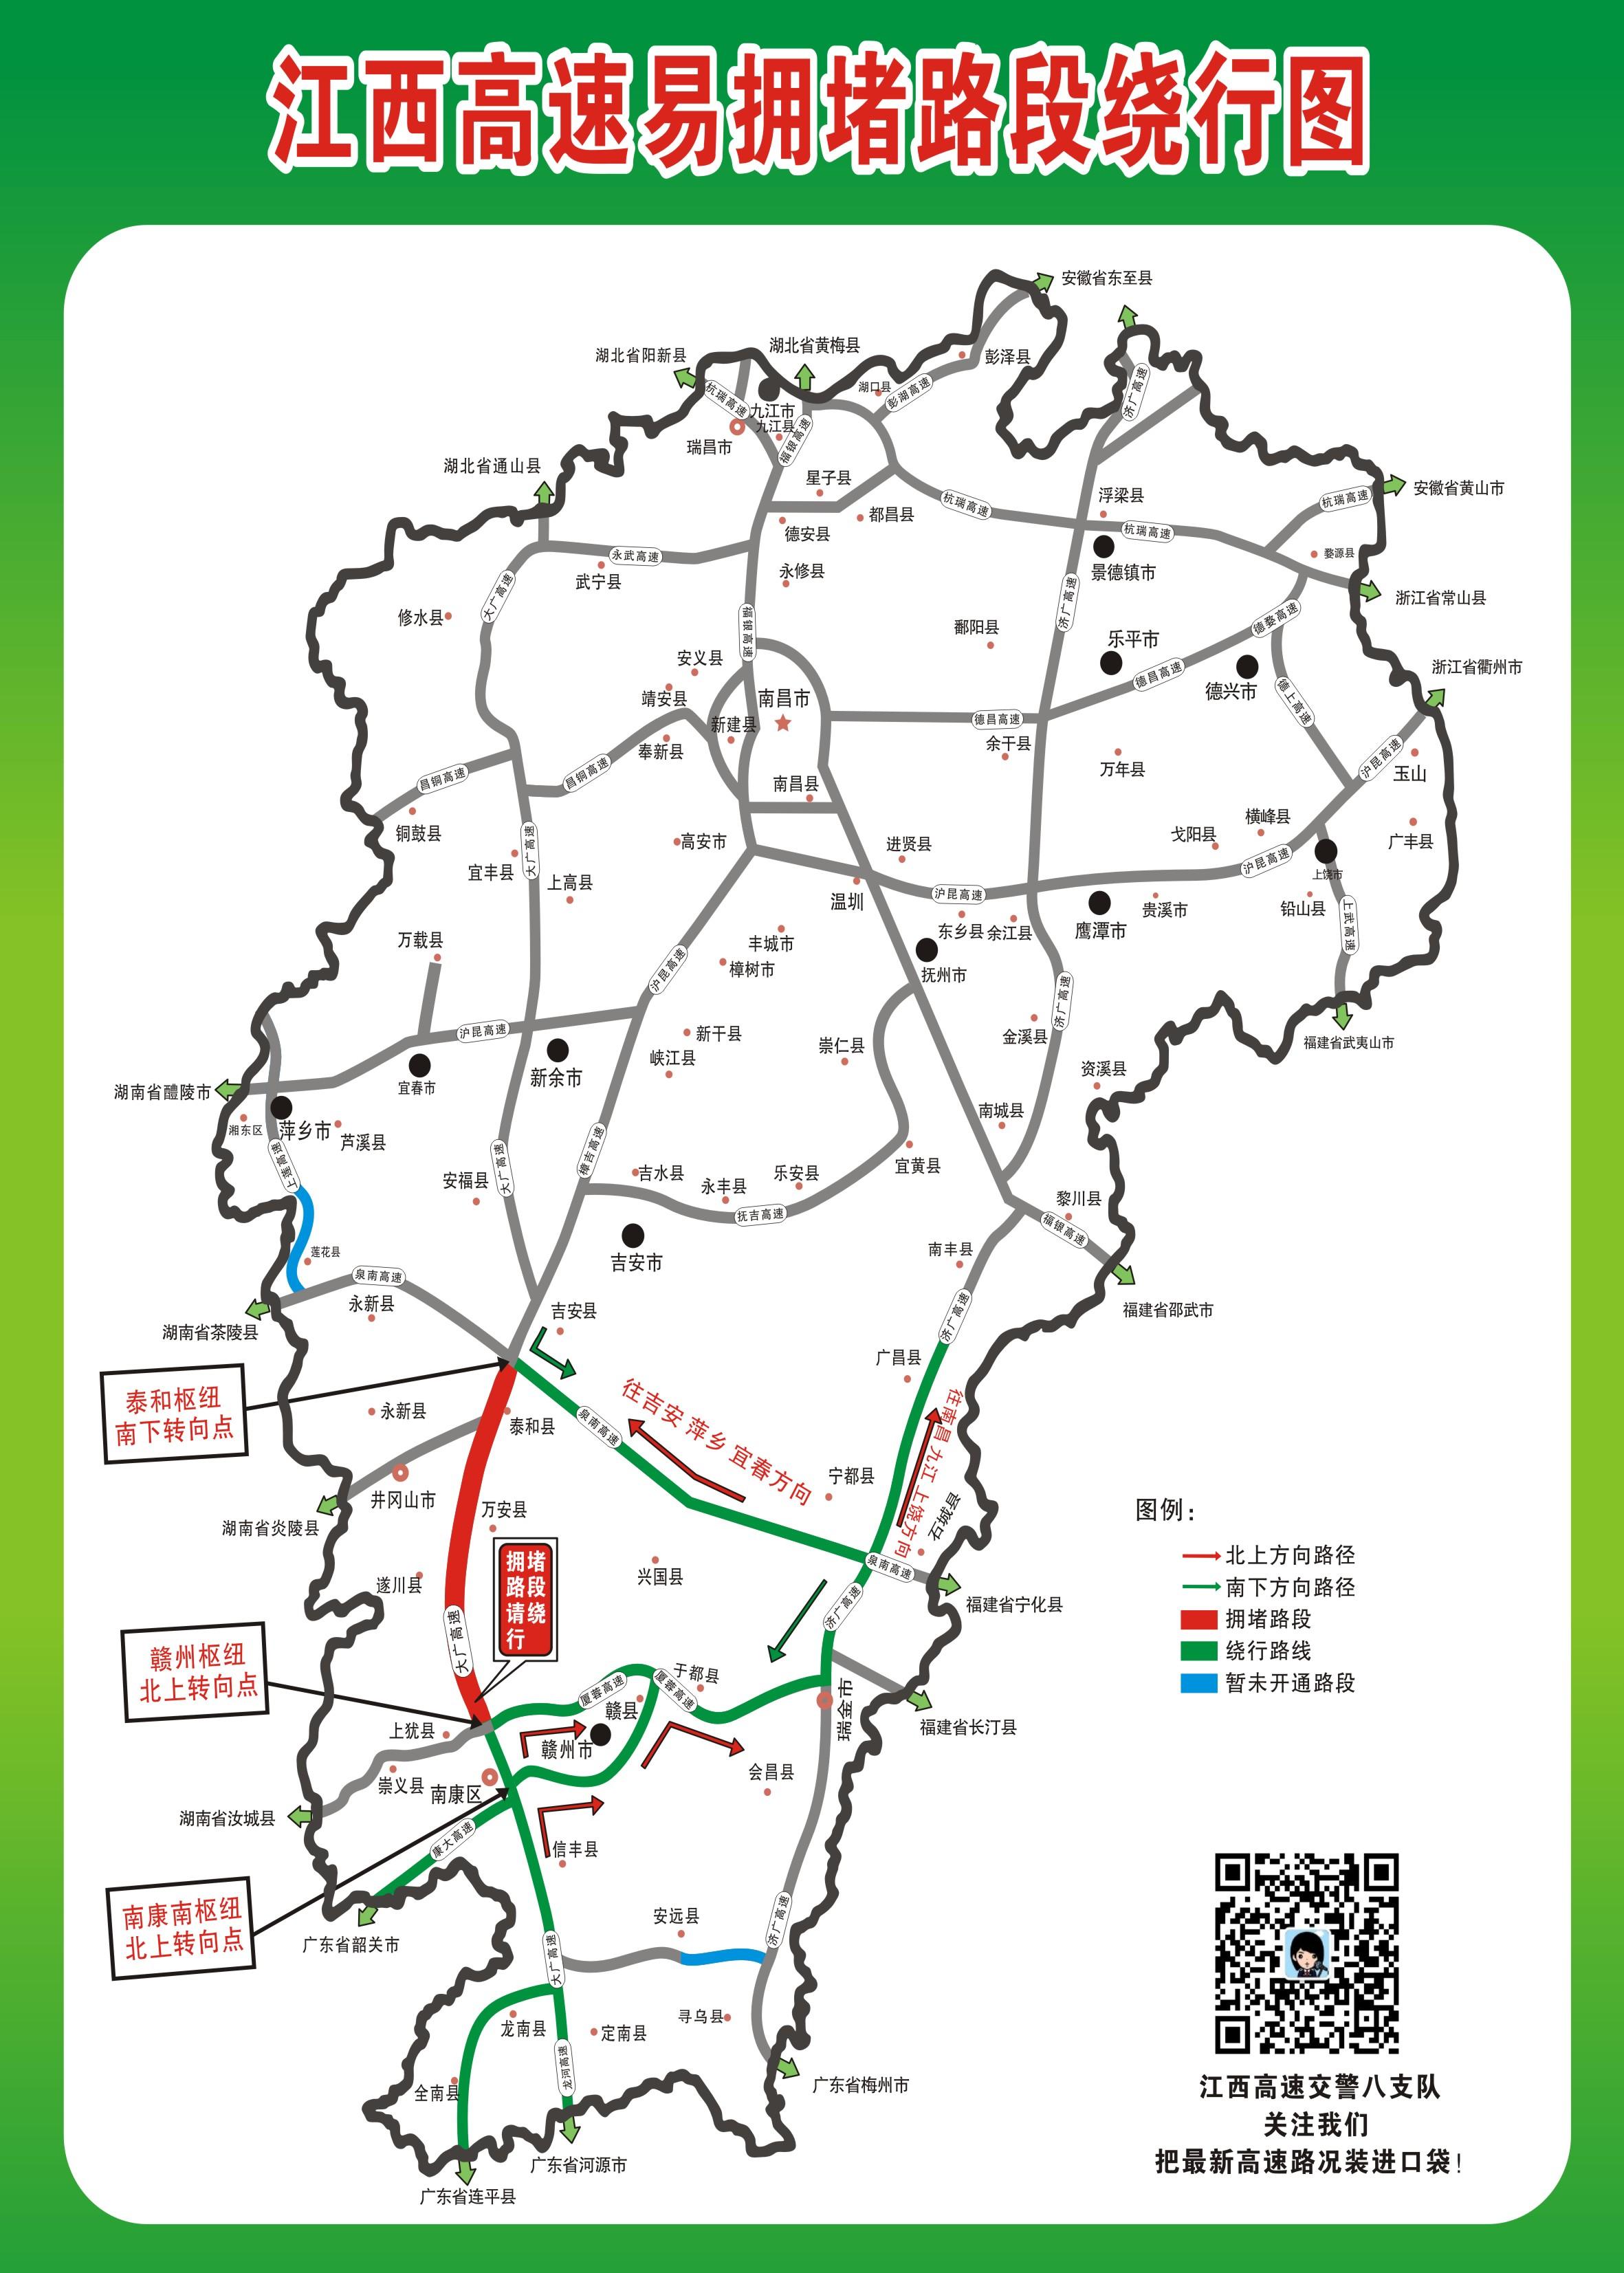 江西赣州市南康城区地图